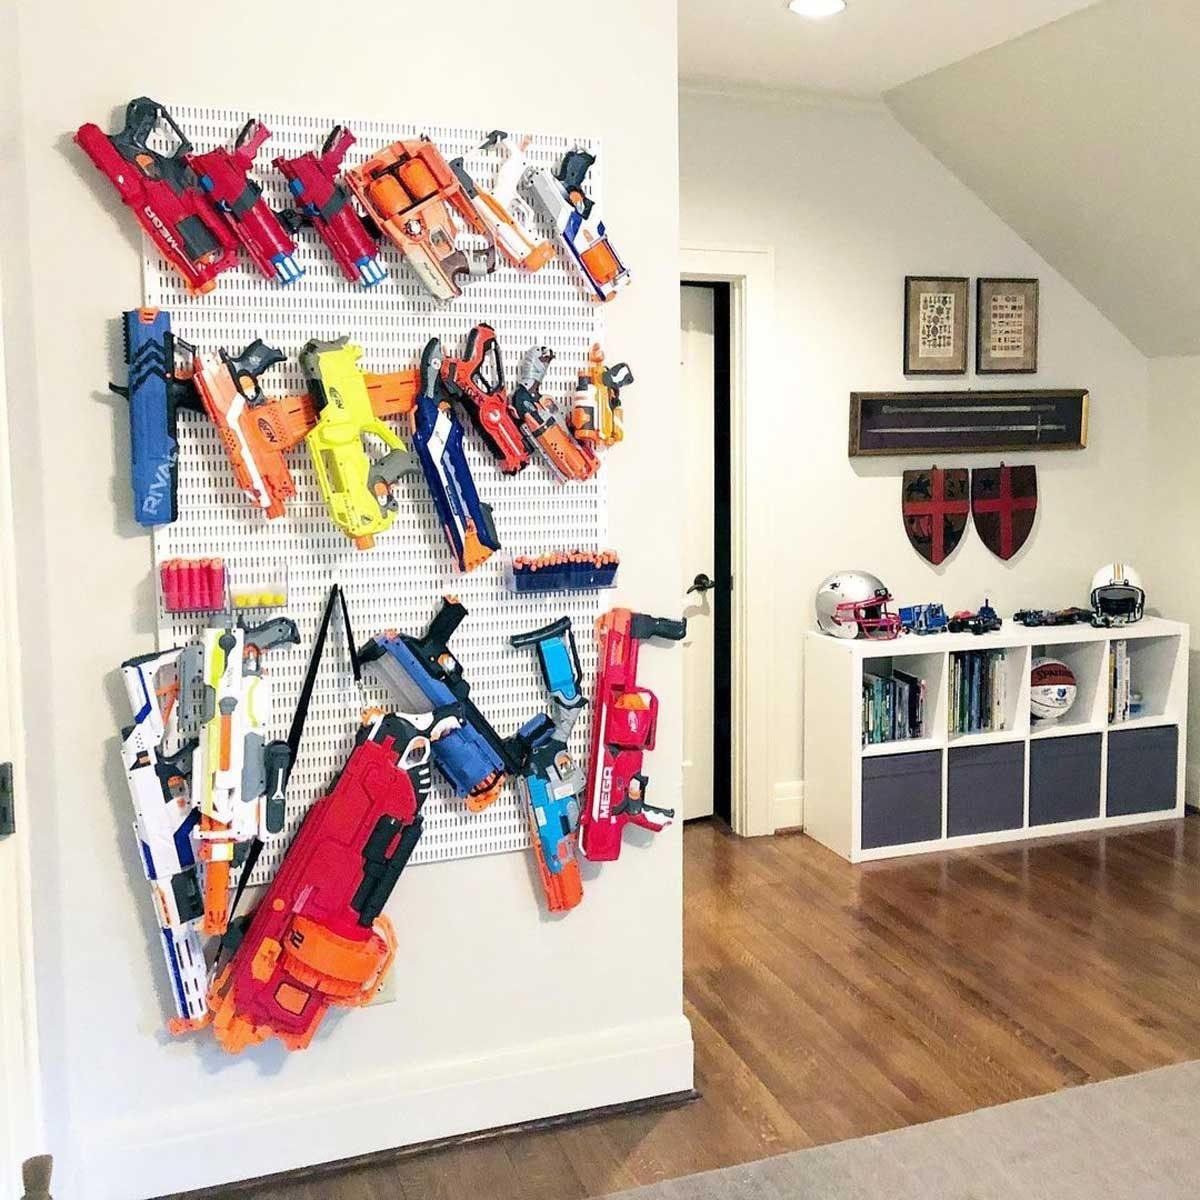 Nerf Gun Storage 121198388 385186619155930 3912140544152972910 N